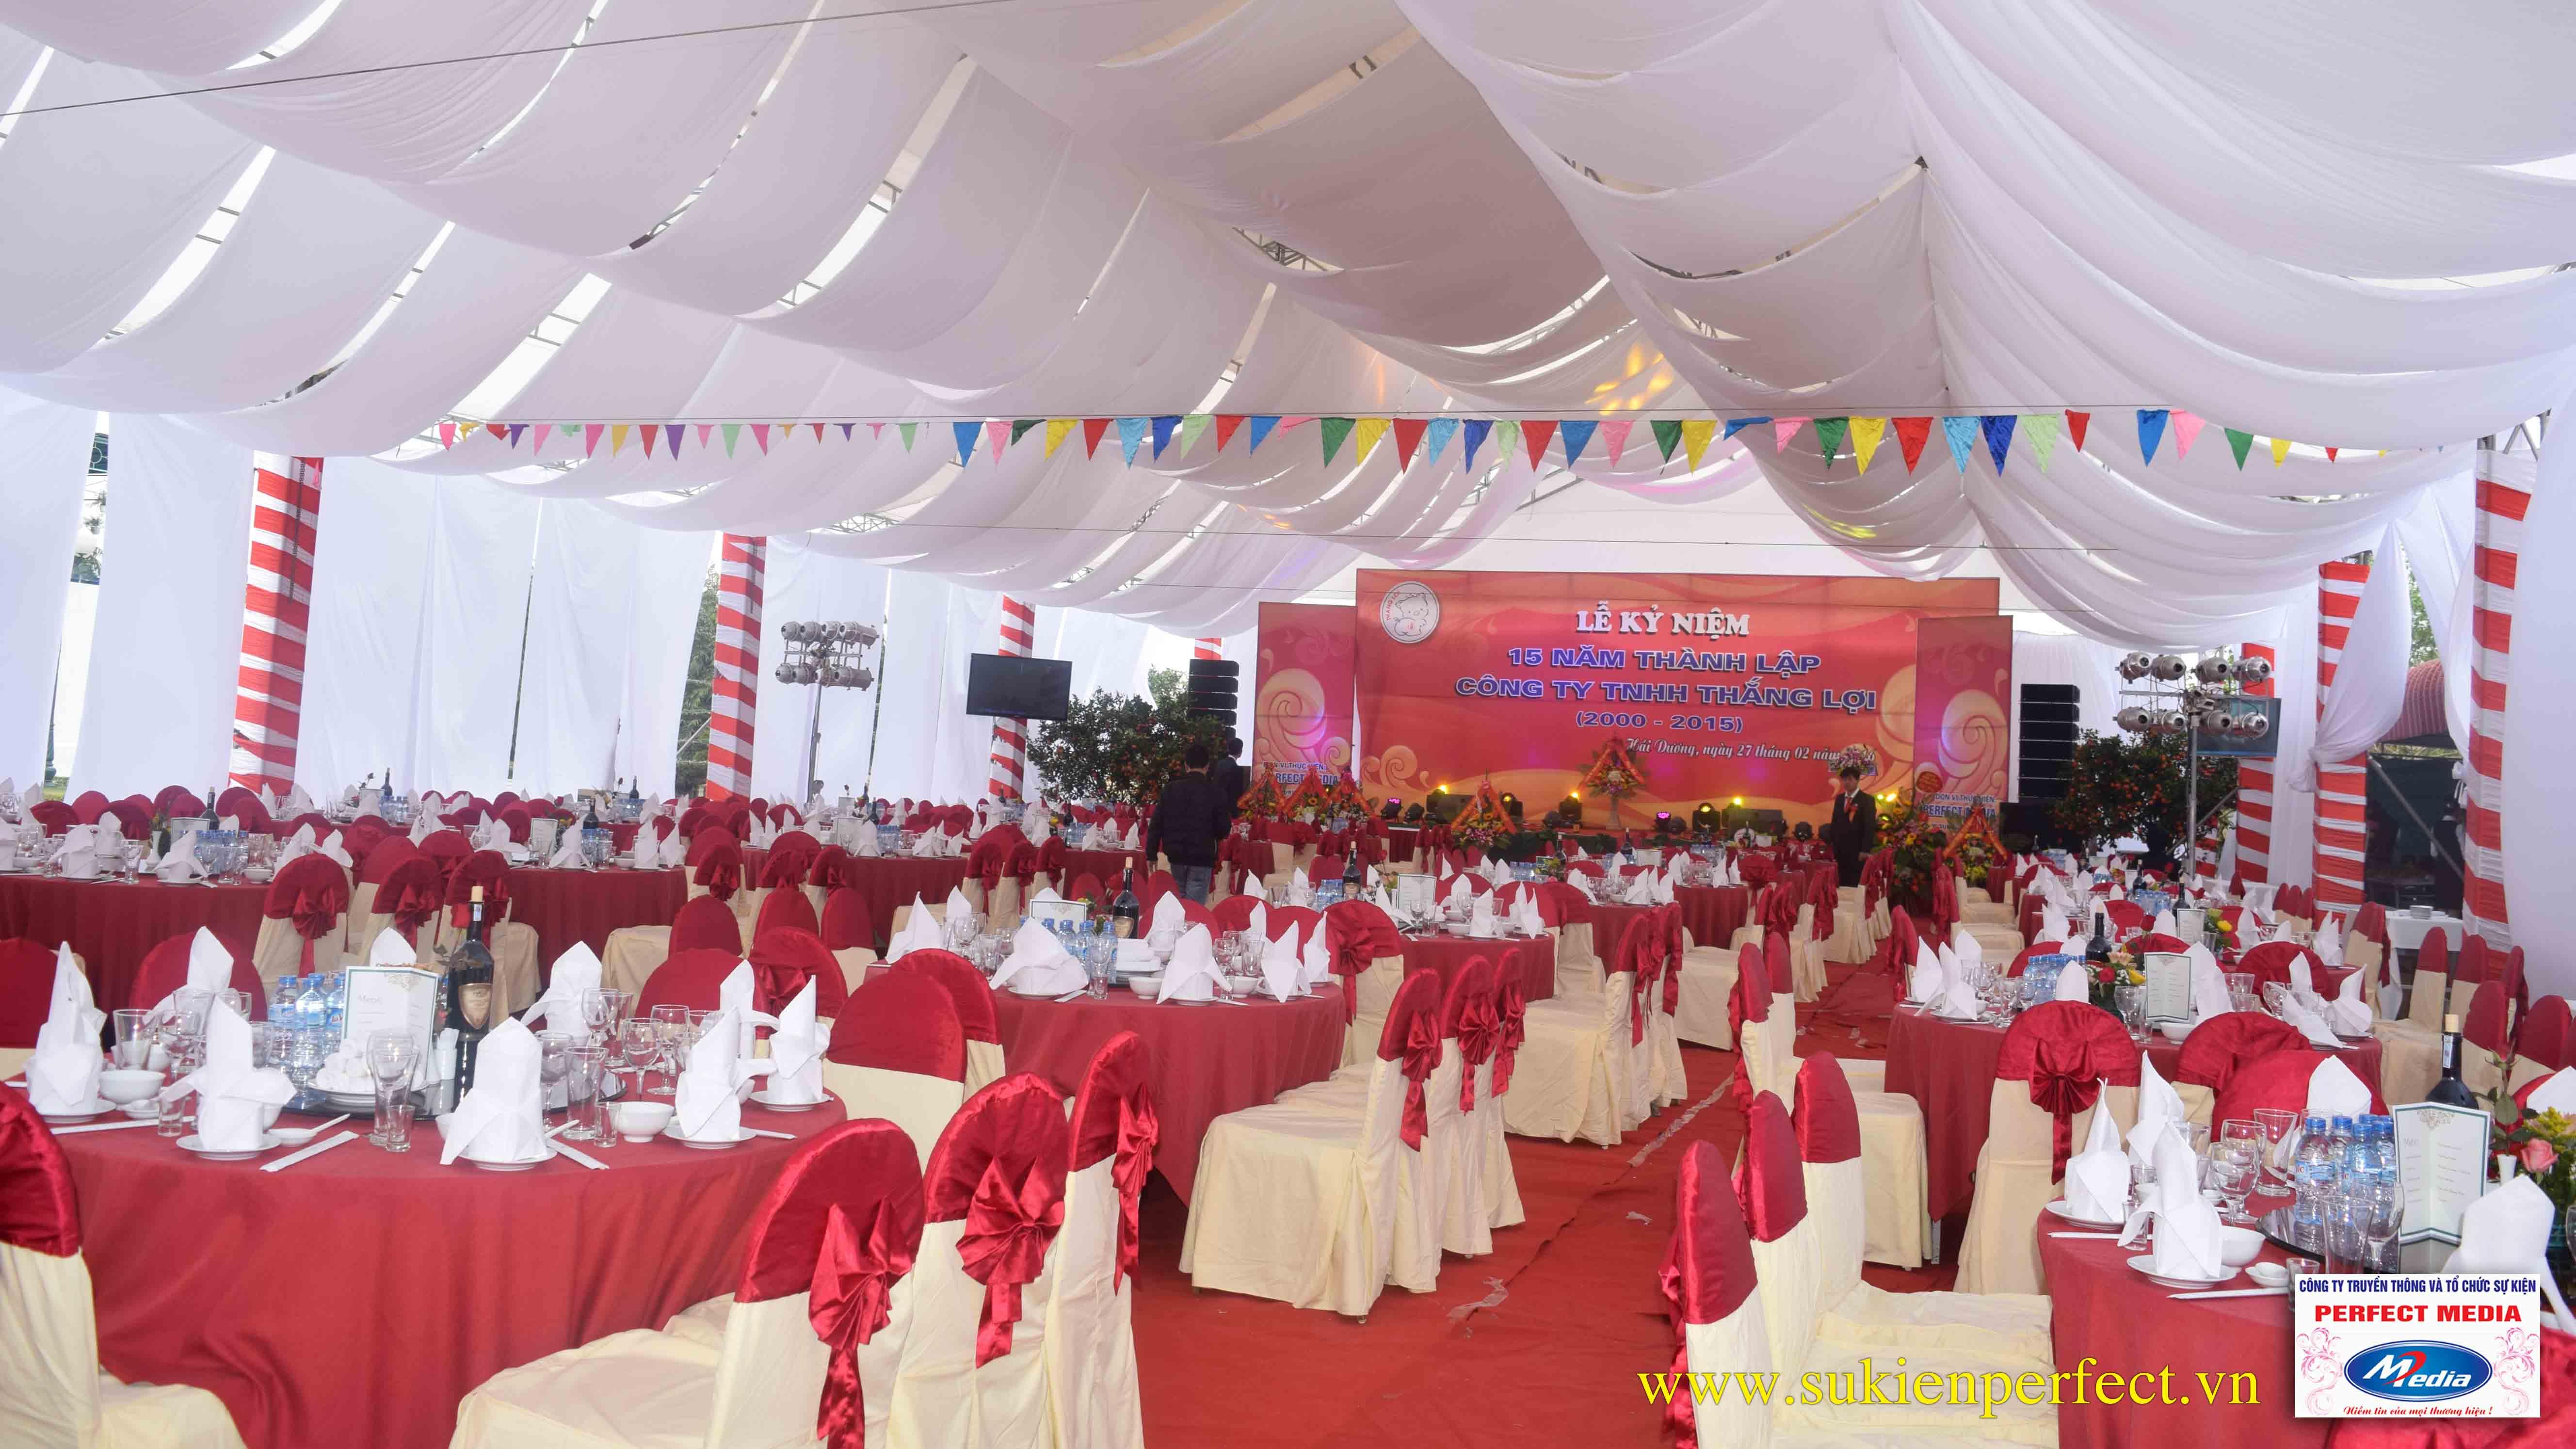 Bàn ăn tiệc (bàn tròn + ghế banquet được phủ khăn và nơ đỏ)